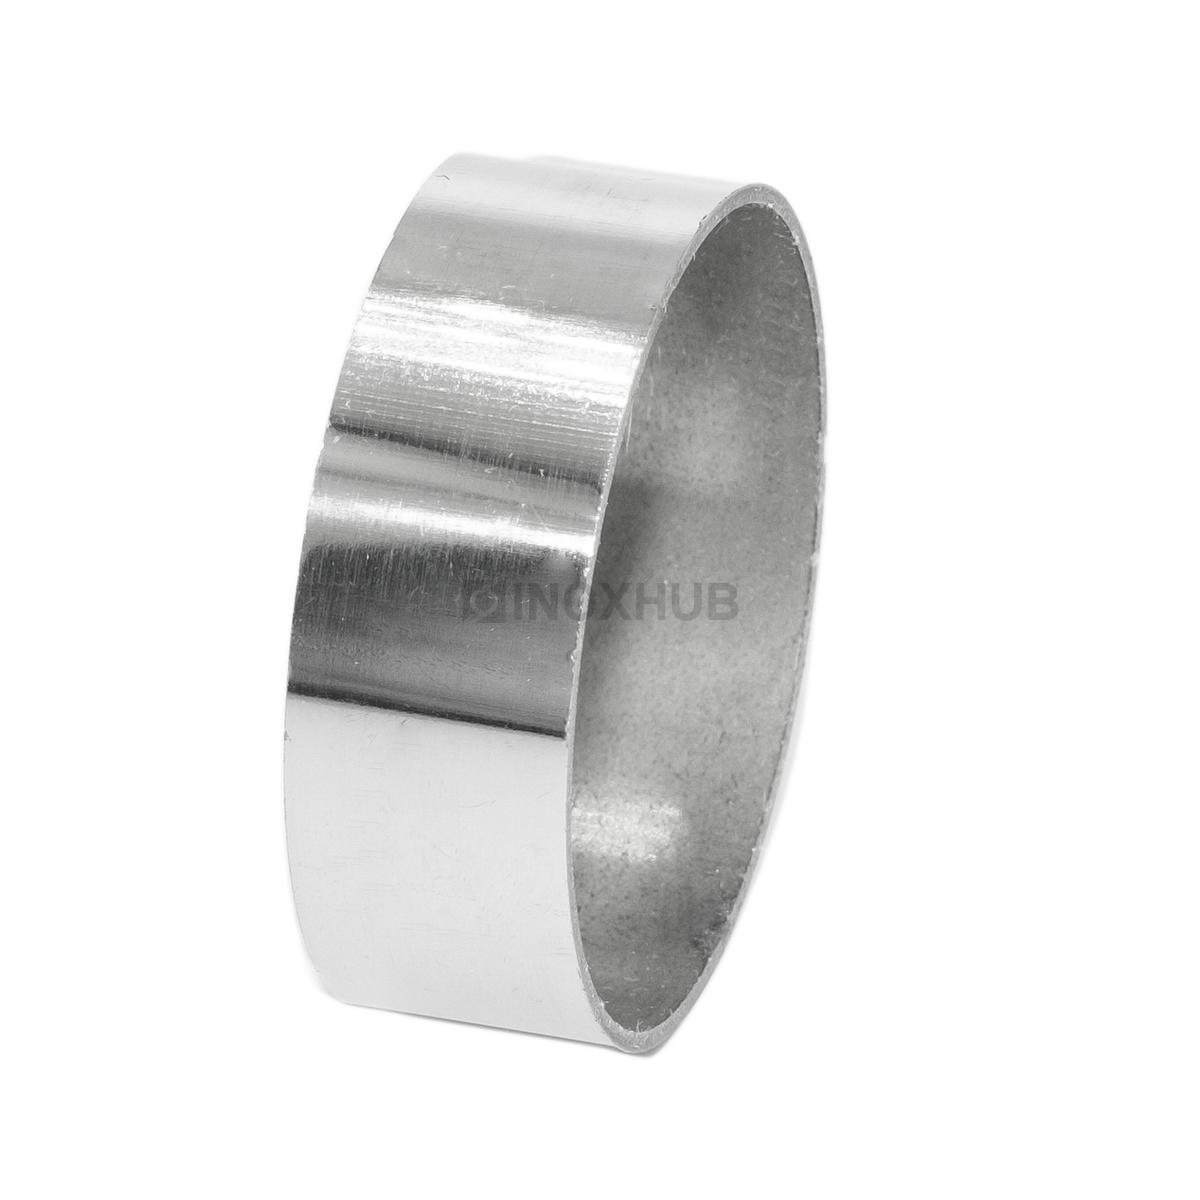 Соединительное кольцо Ø42.4 мм, AISI 304, GRIT 600